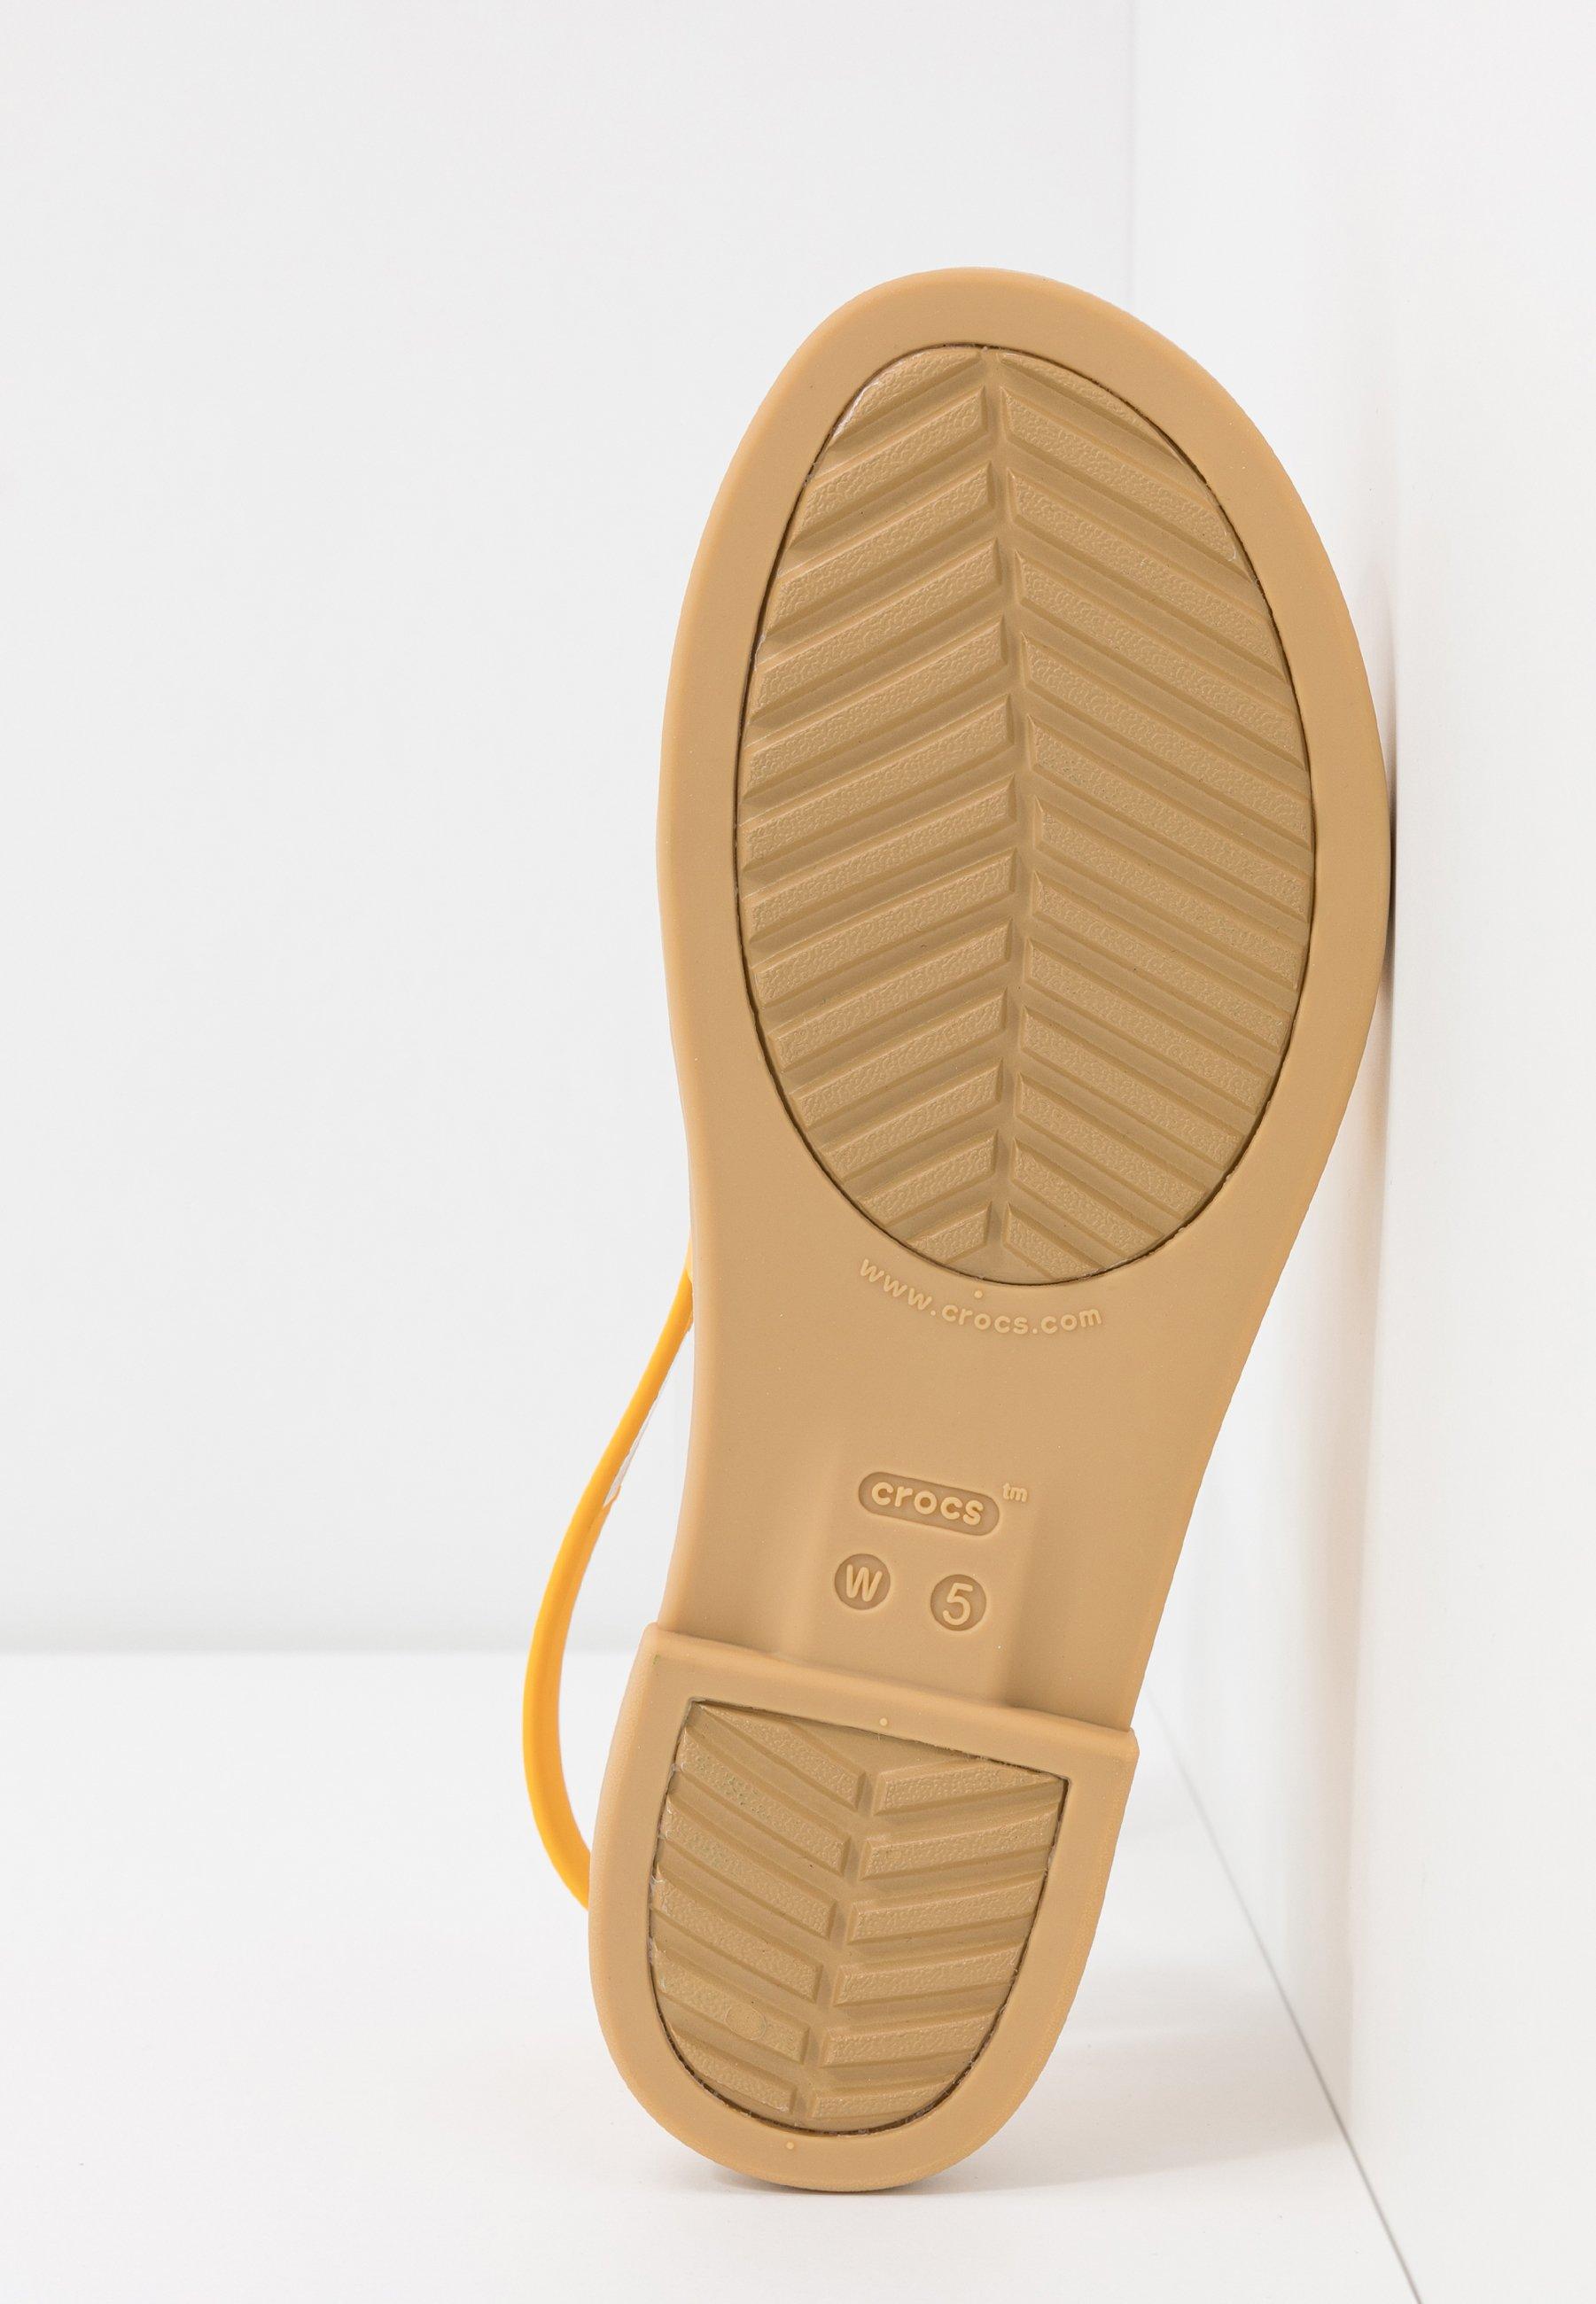 Crocs Tulum - Sandales De Bain Canary/tan